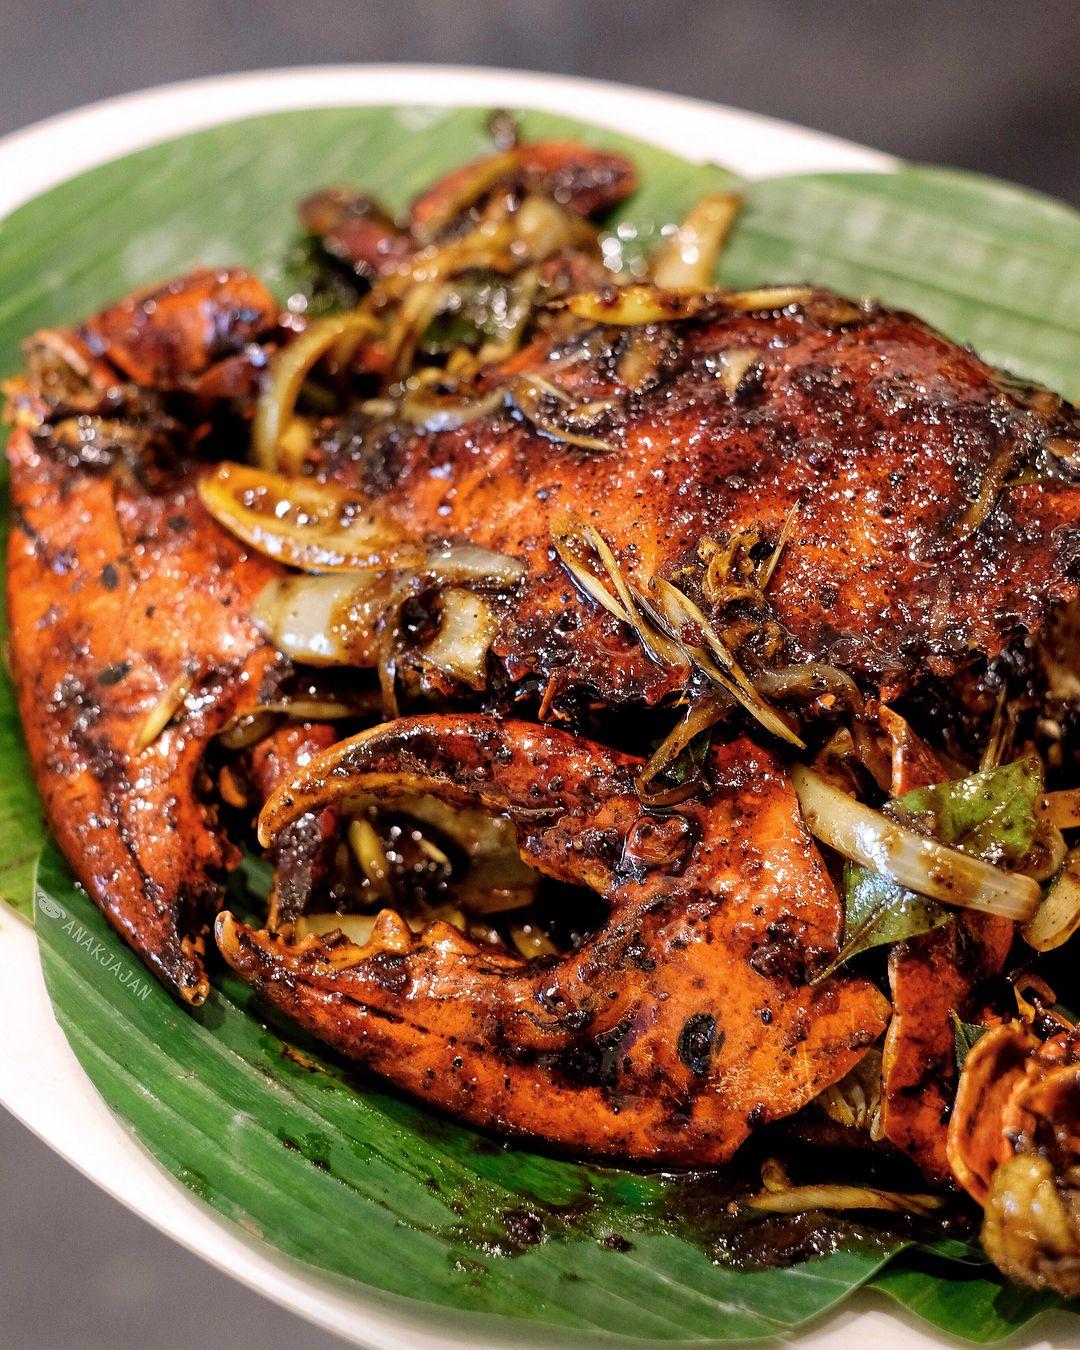 Resep Masakan,Cara Membuat Kepiting Lada Hitam